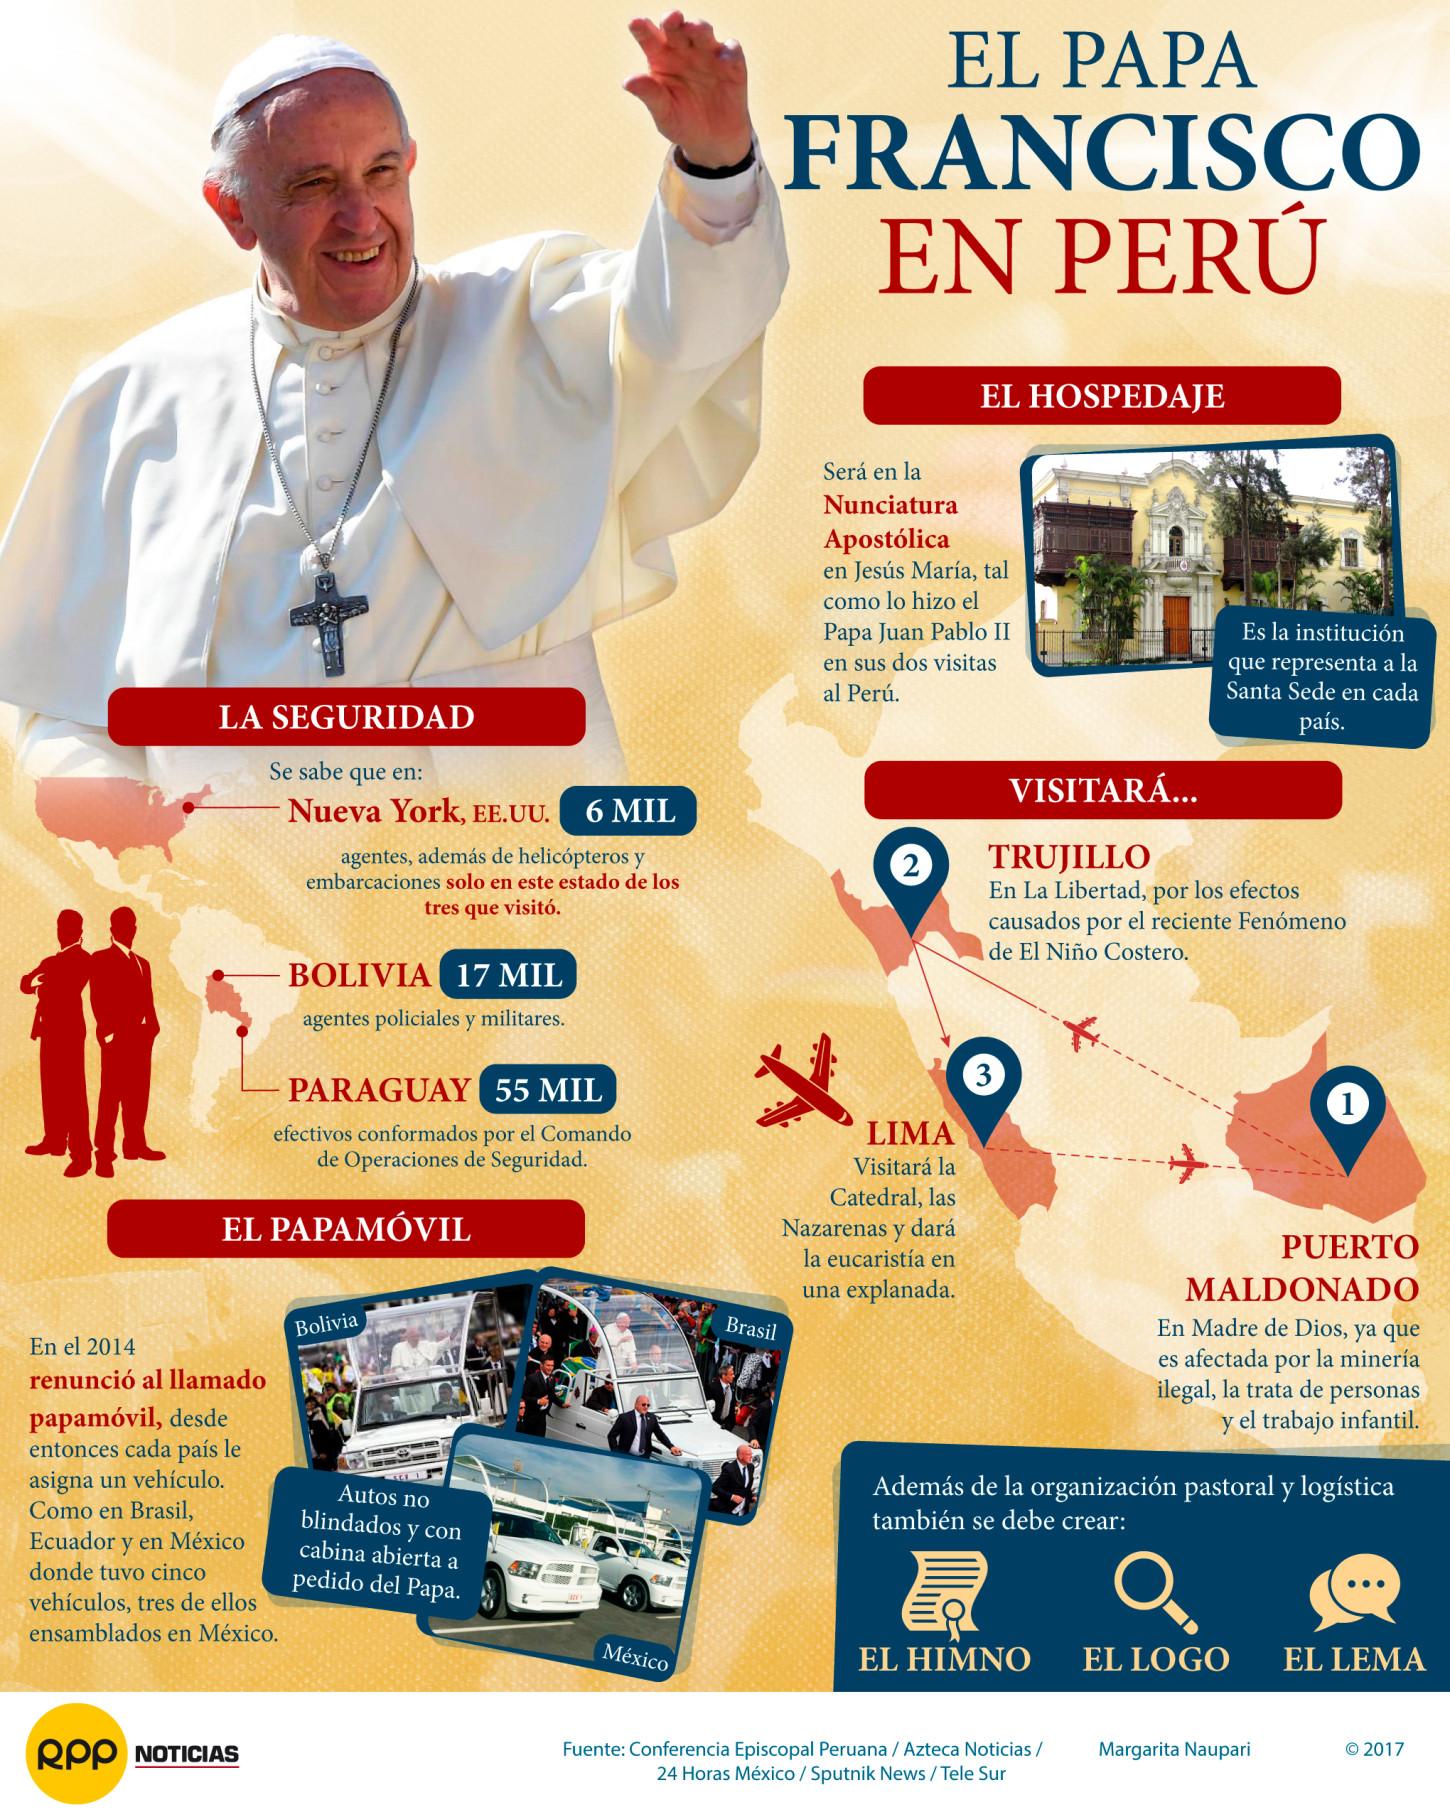 El Papa Francisco en Perú: Algunos detalles de su llegada al país